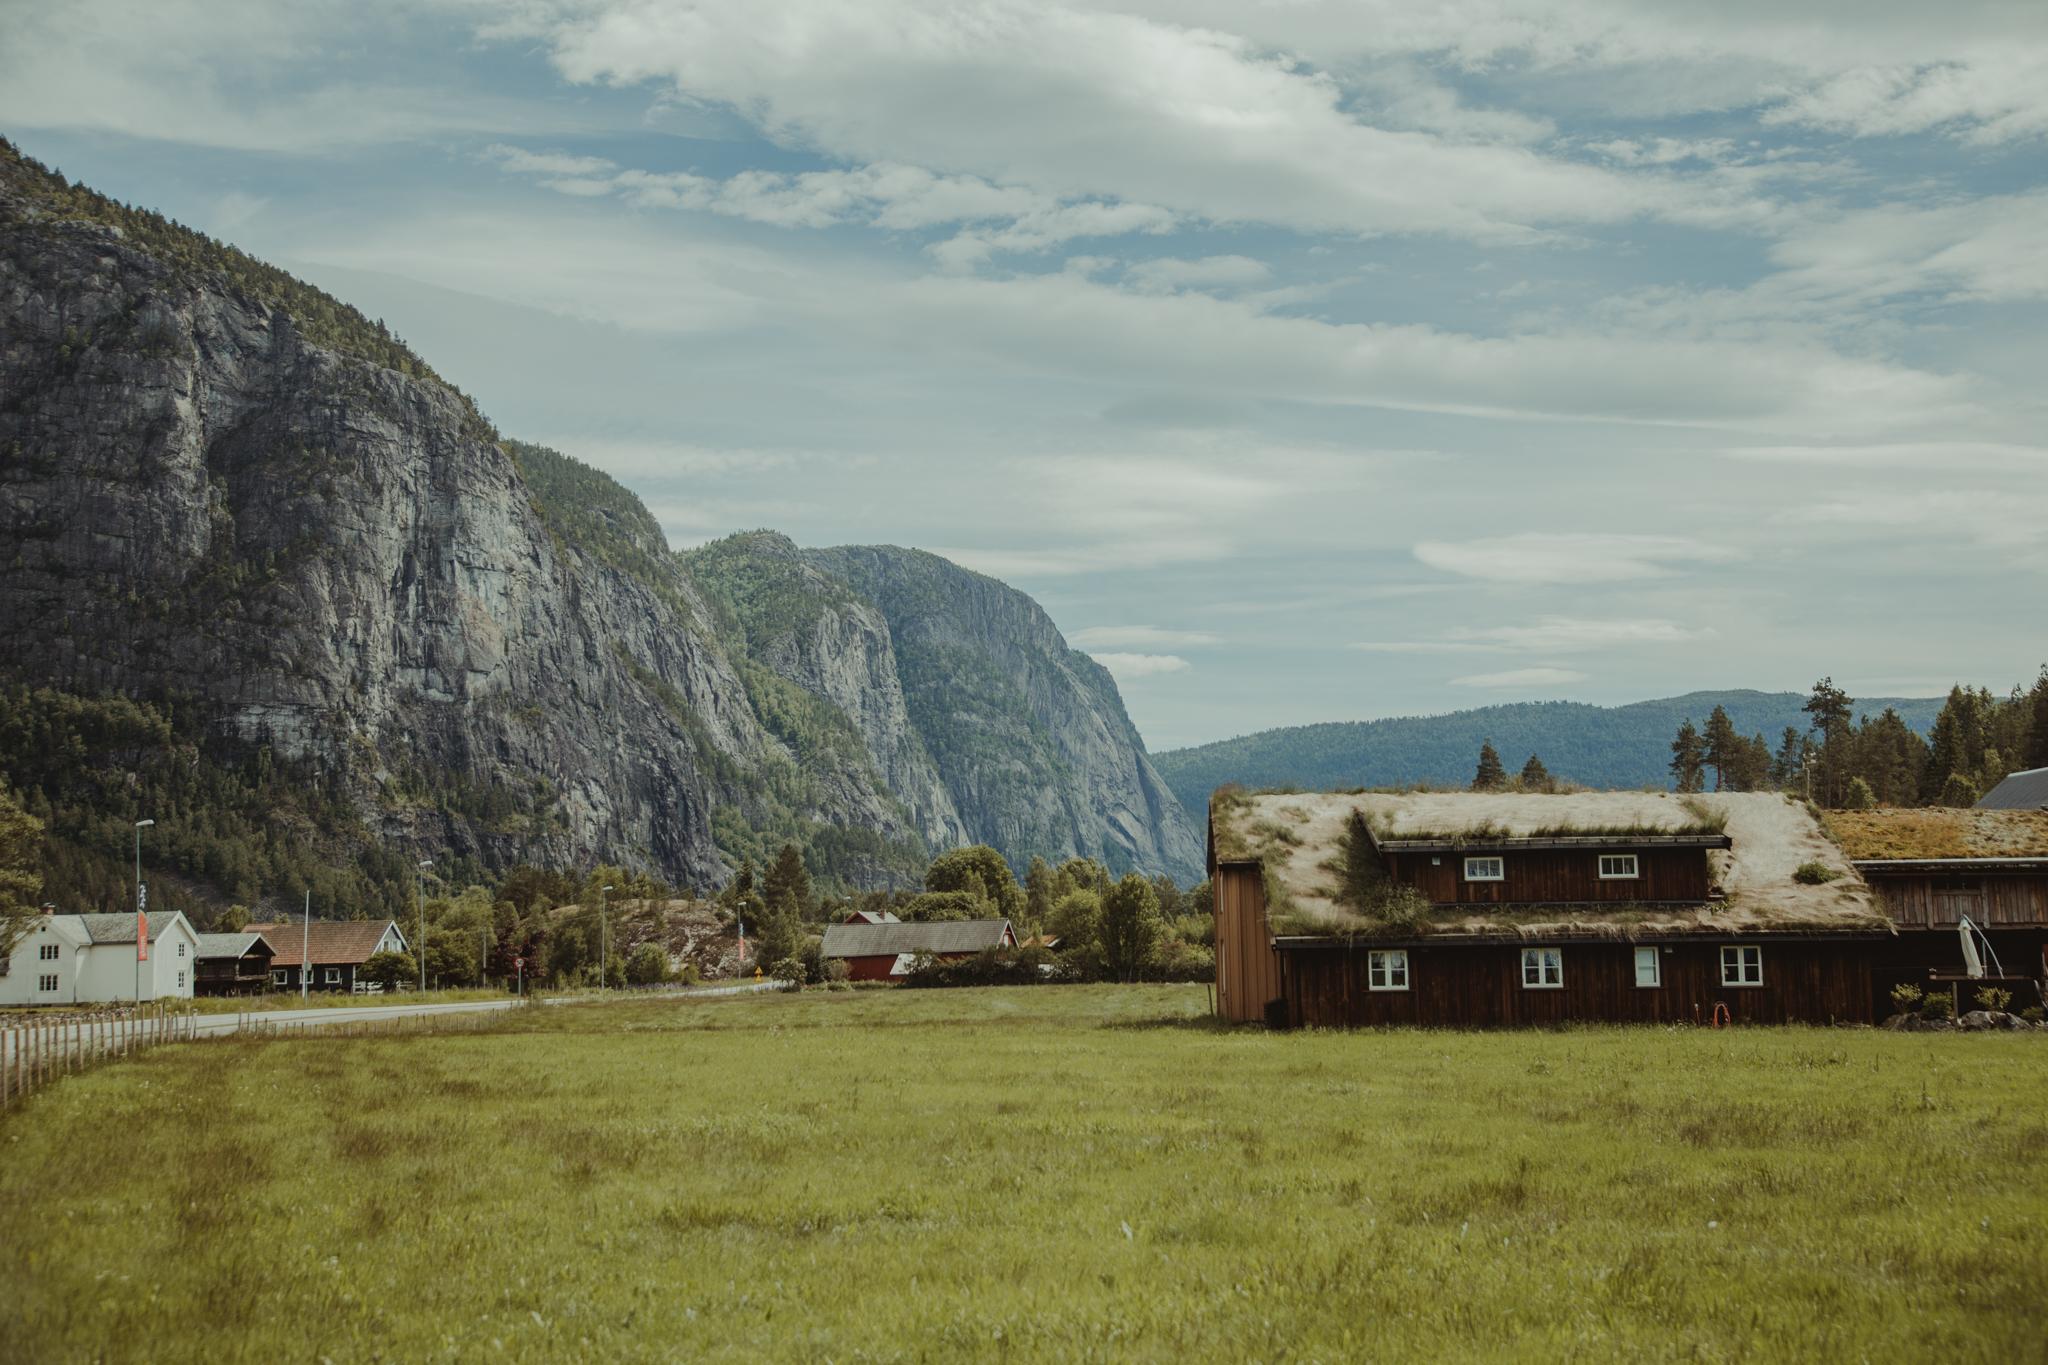 norwegia-co-zobaczyc-atrakcje-dla-introwertykow